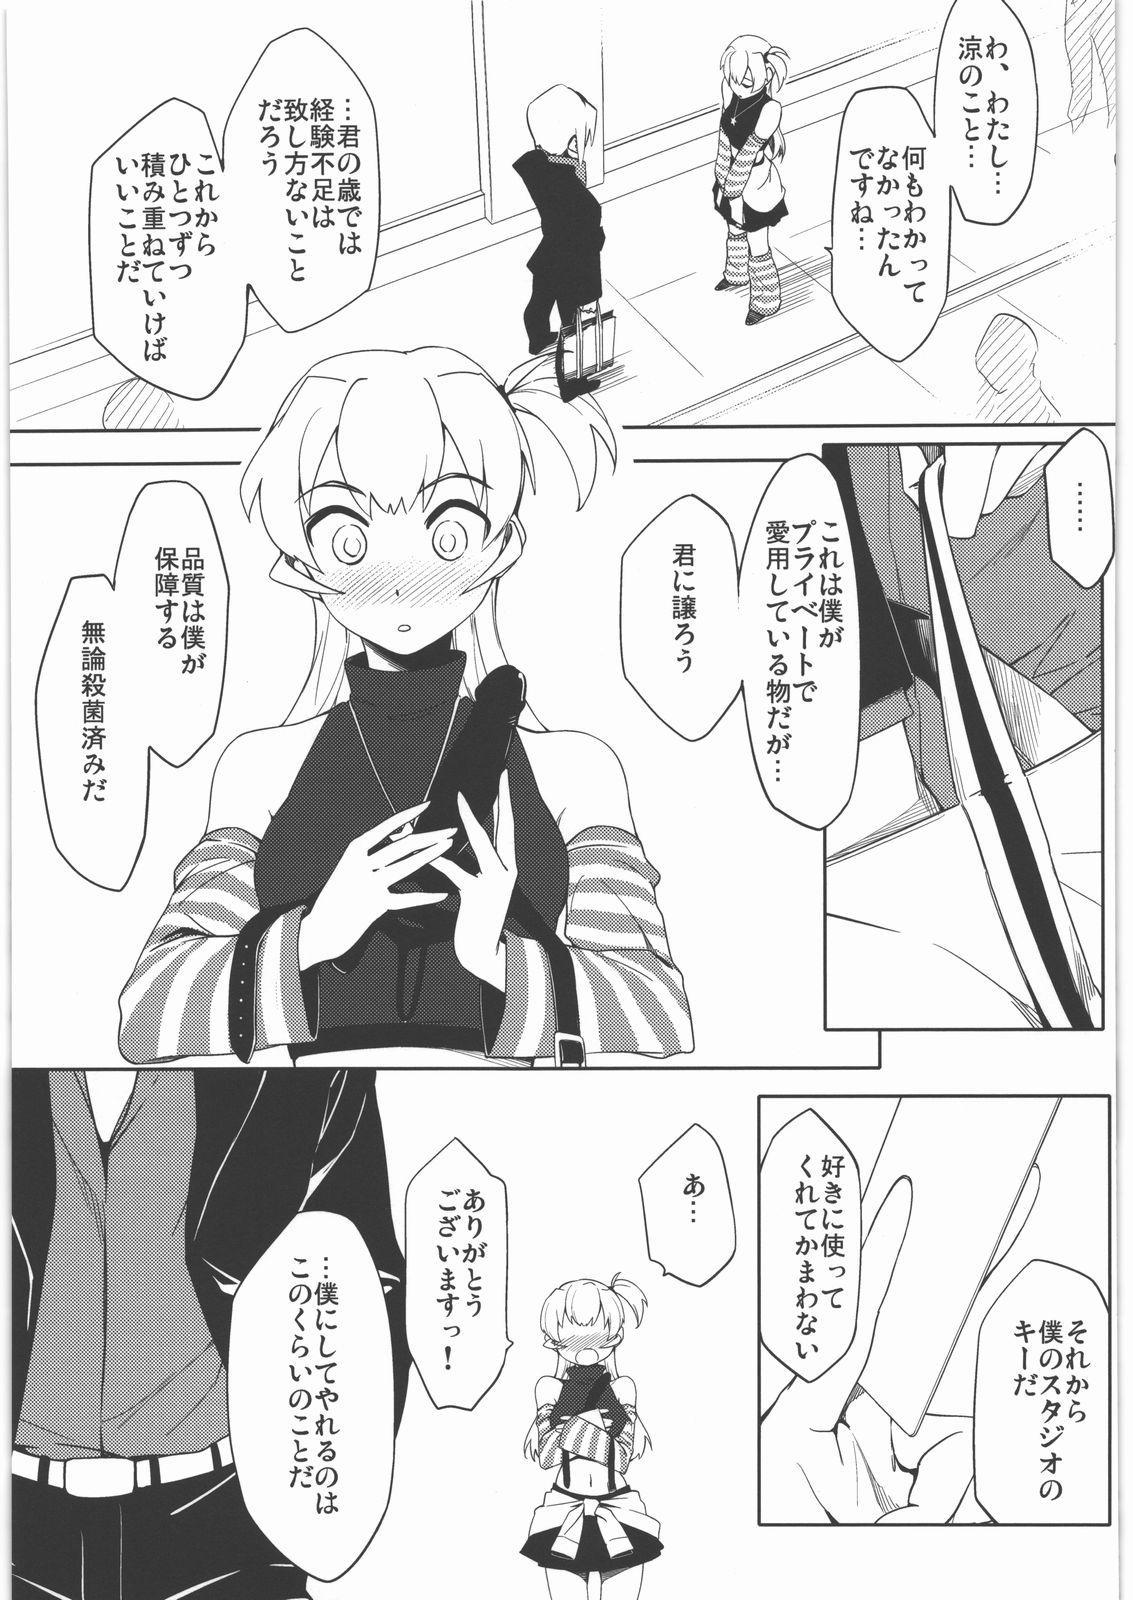 Otokonoko da toka Onnanoko da toka Sonna Koto wa Kankei Nai no desu! 13